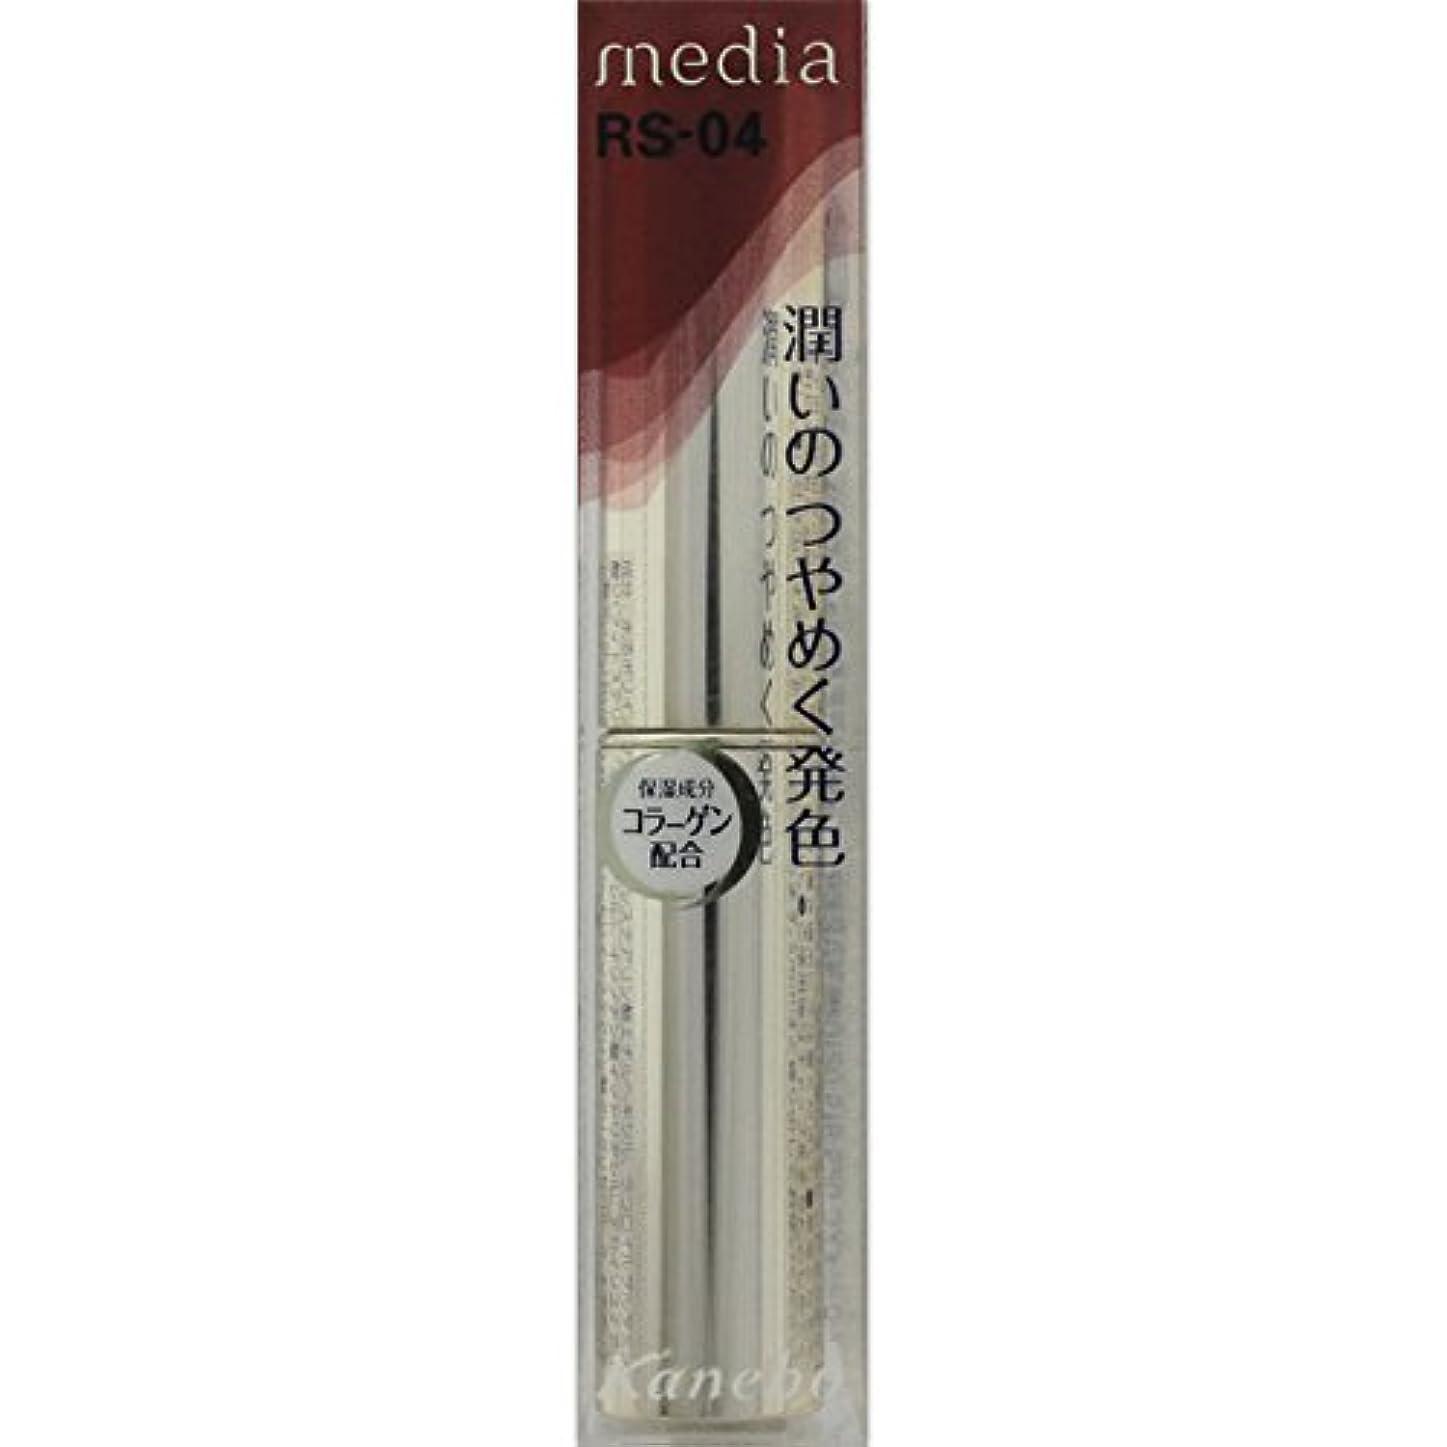 地中海矛盾パラダイスカネボウ メディア(media)シャイニーエッセンスリップA カラー:RS-04